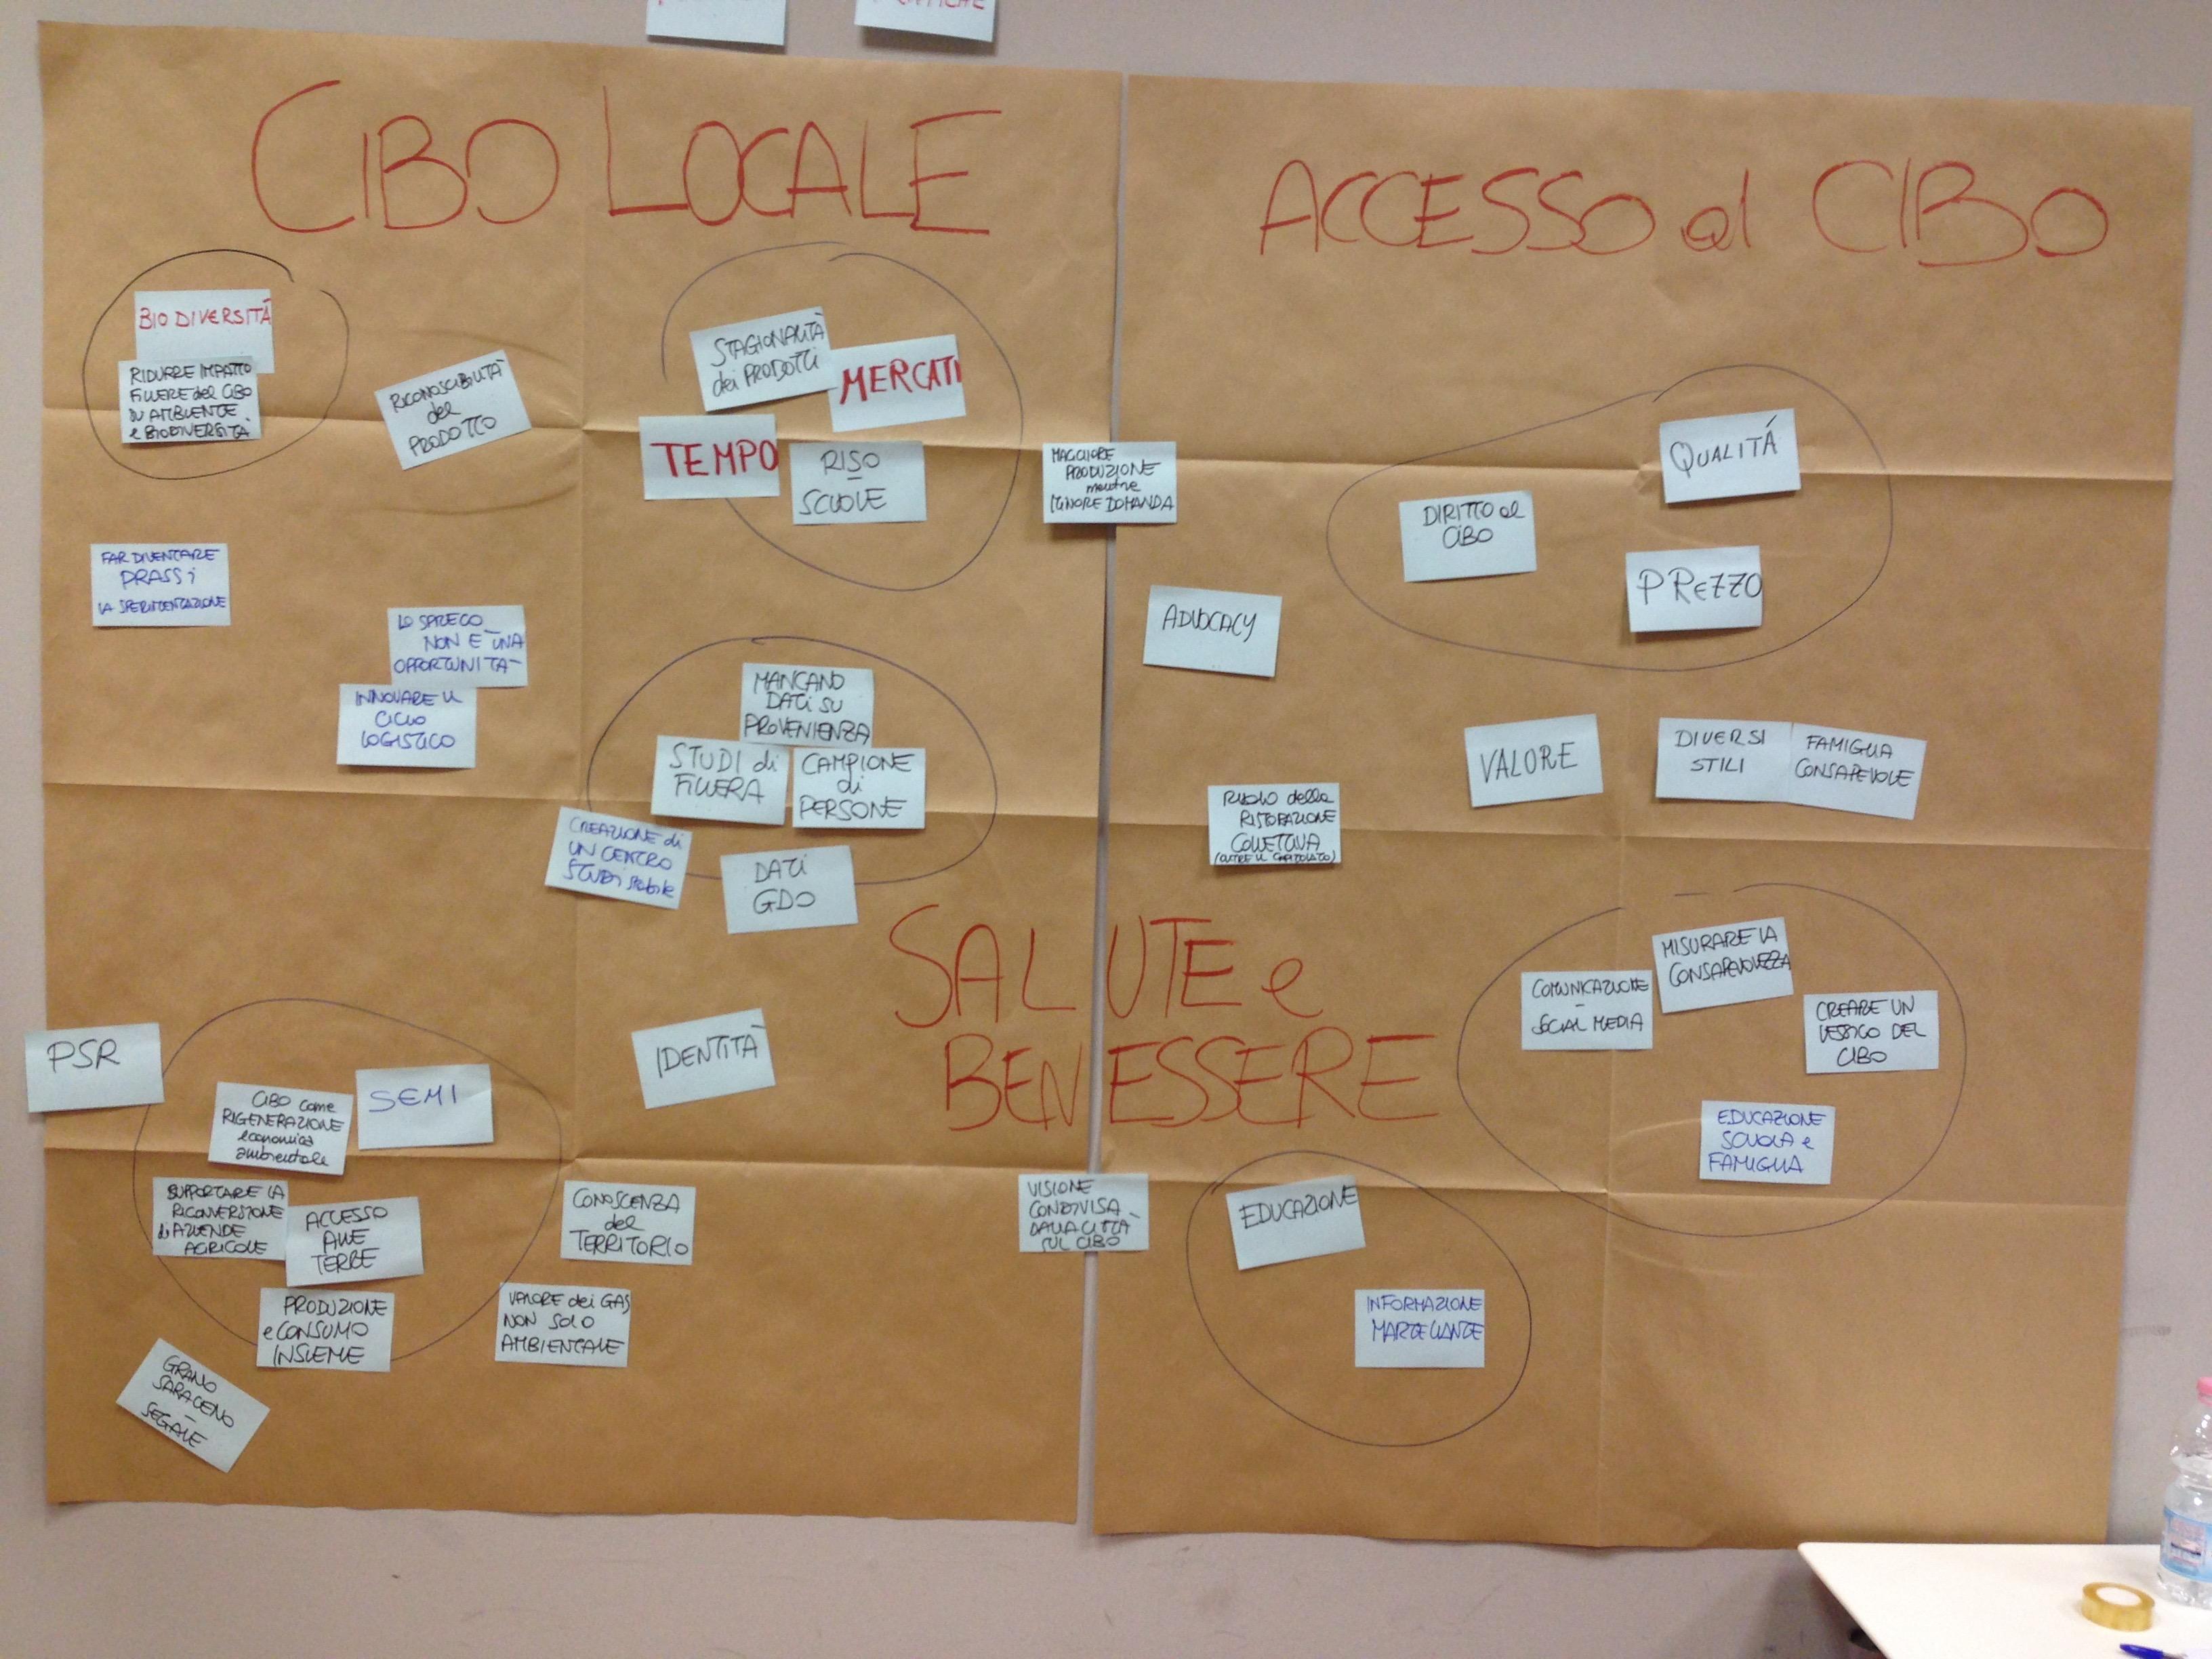 Food Policy Milano - Accesso Al Cibo e Cibo Locale